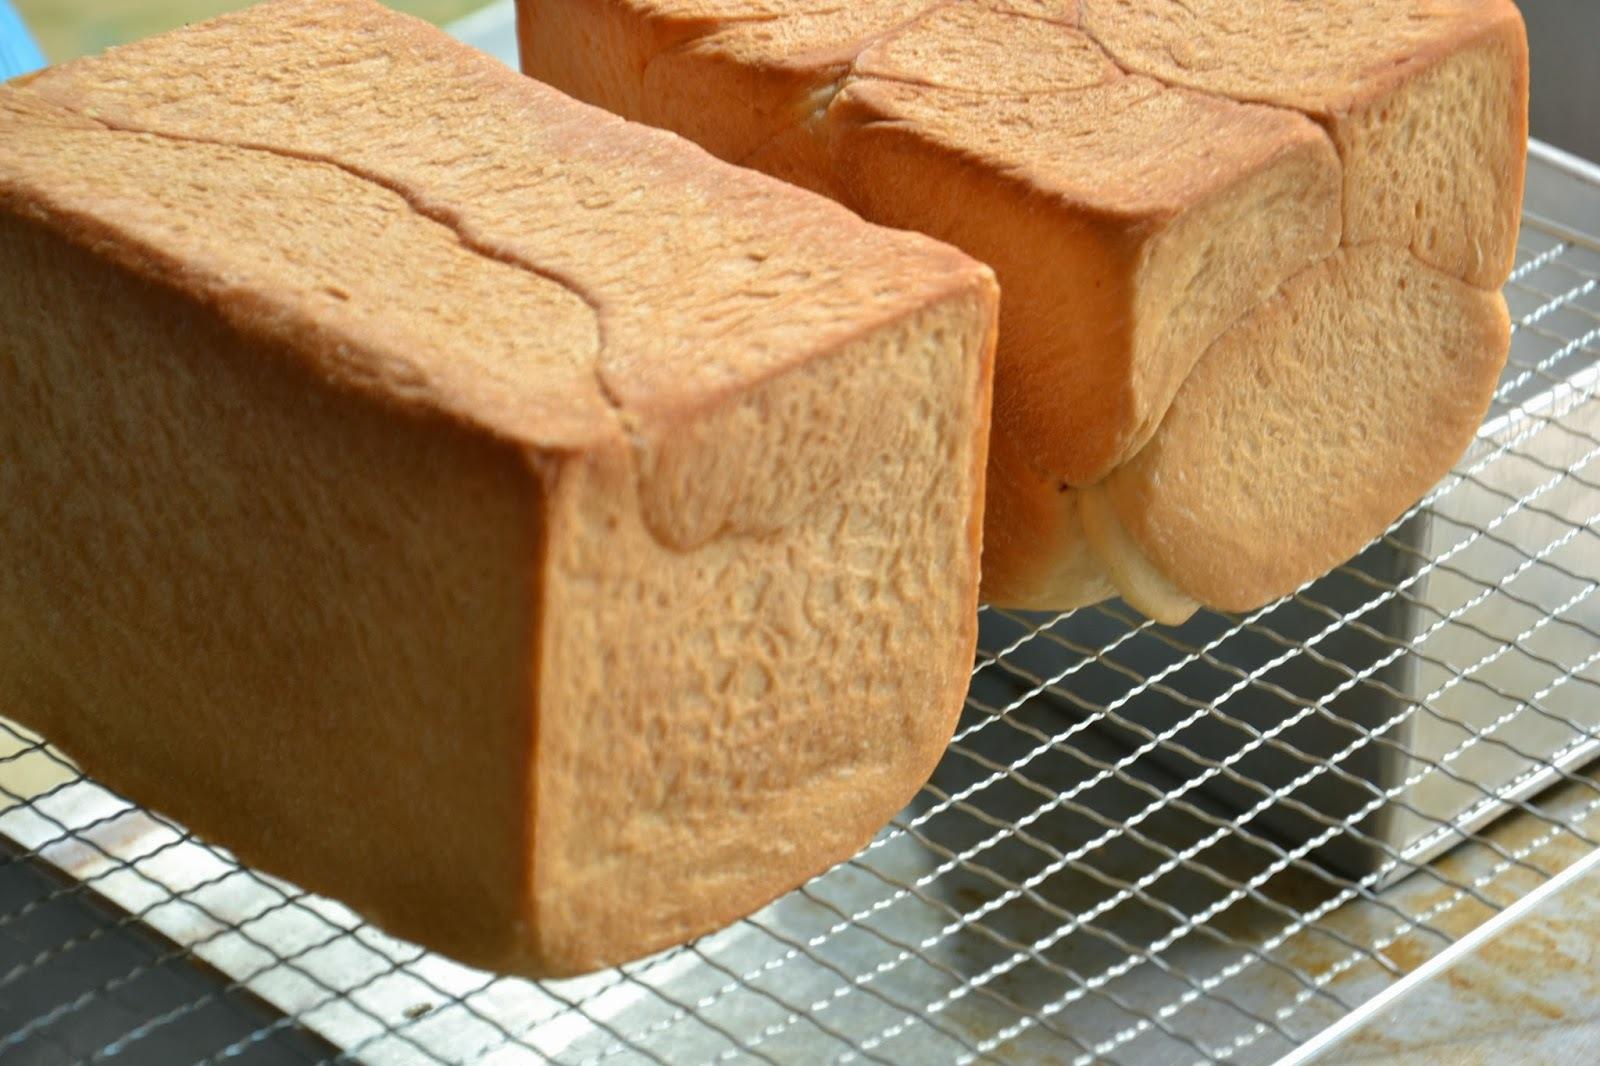 Cách làm bánh mì gối bằng lò vi sóng đúng chuẩn